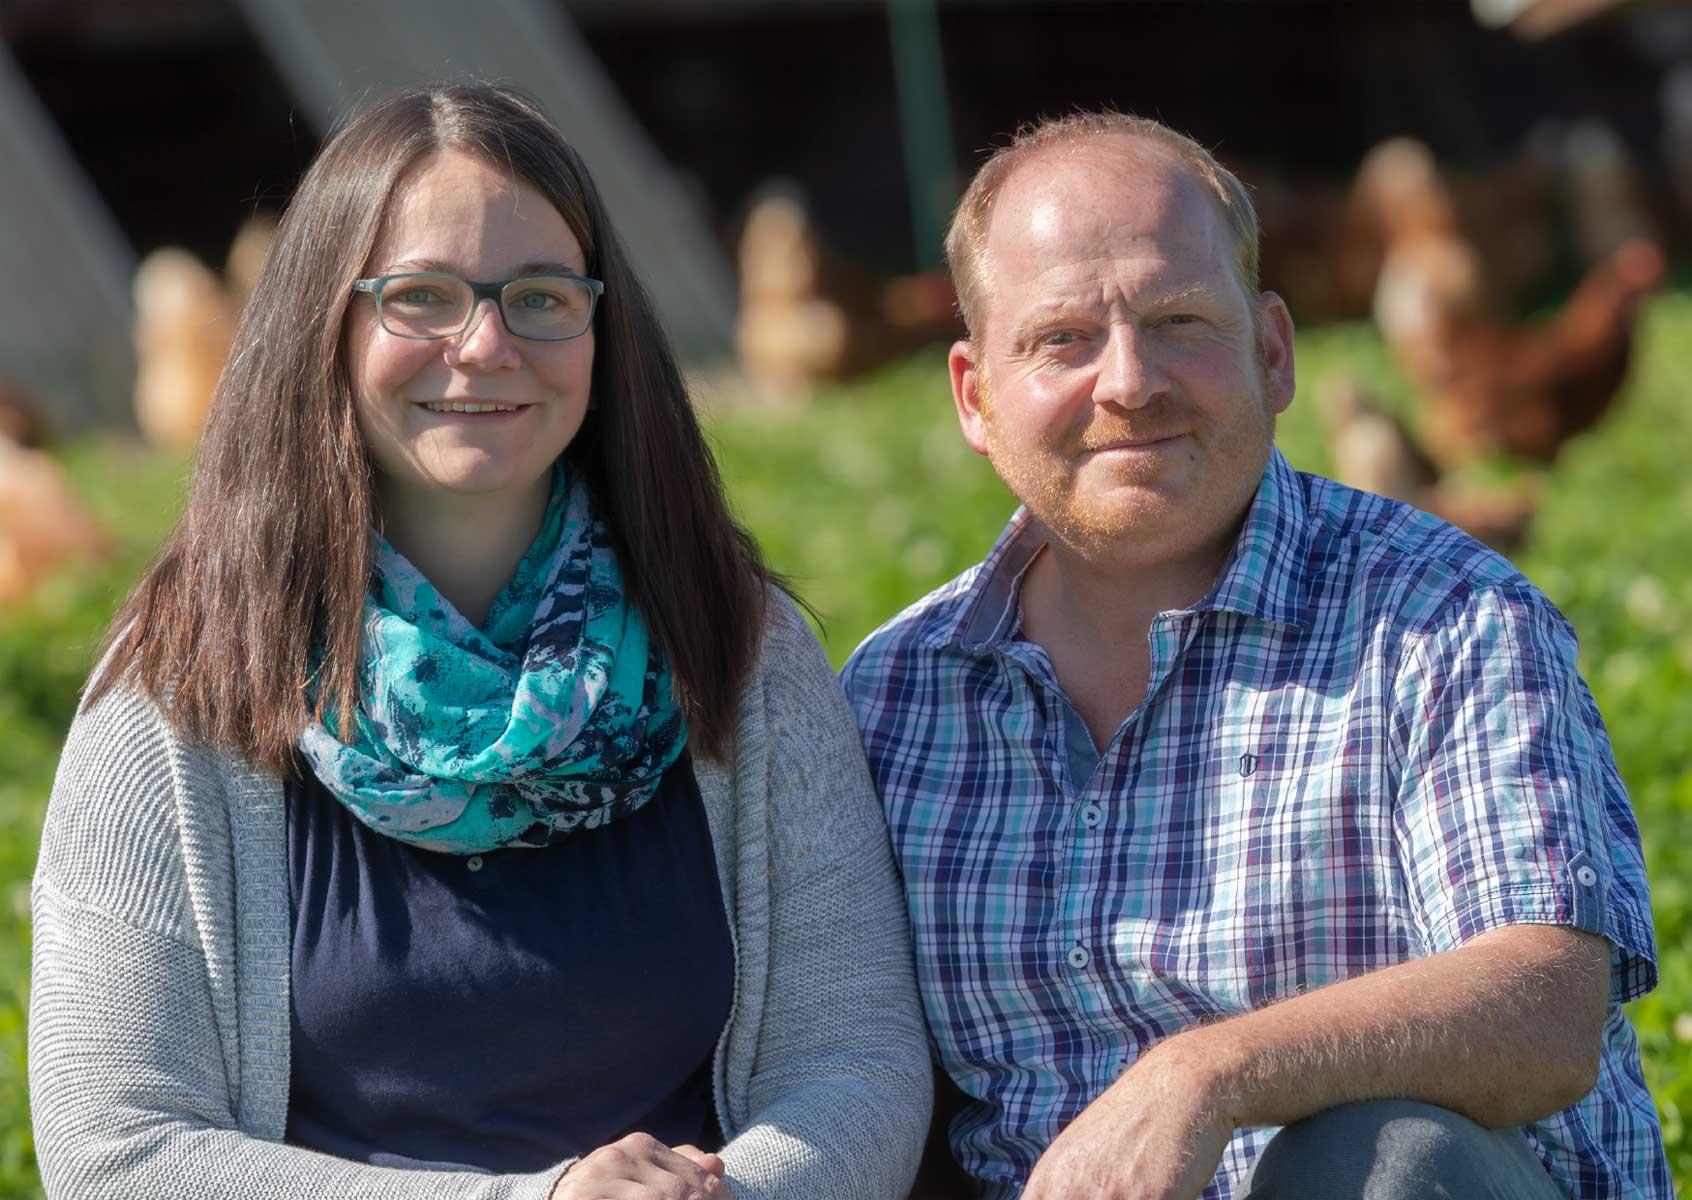 Das Alsfelder Landei - Ehepaar Schlitt